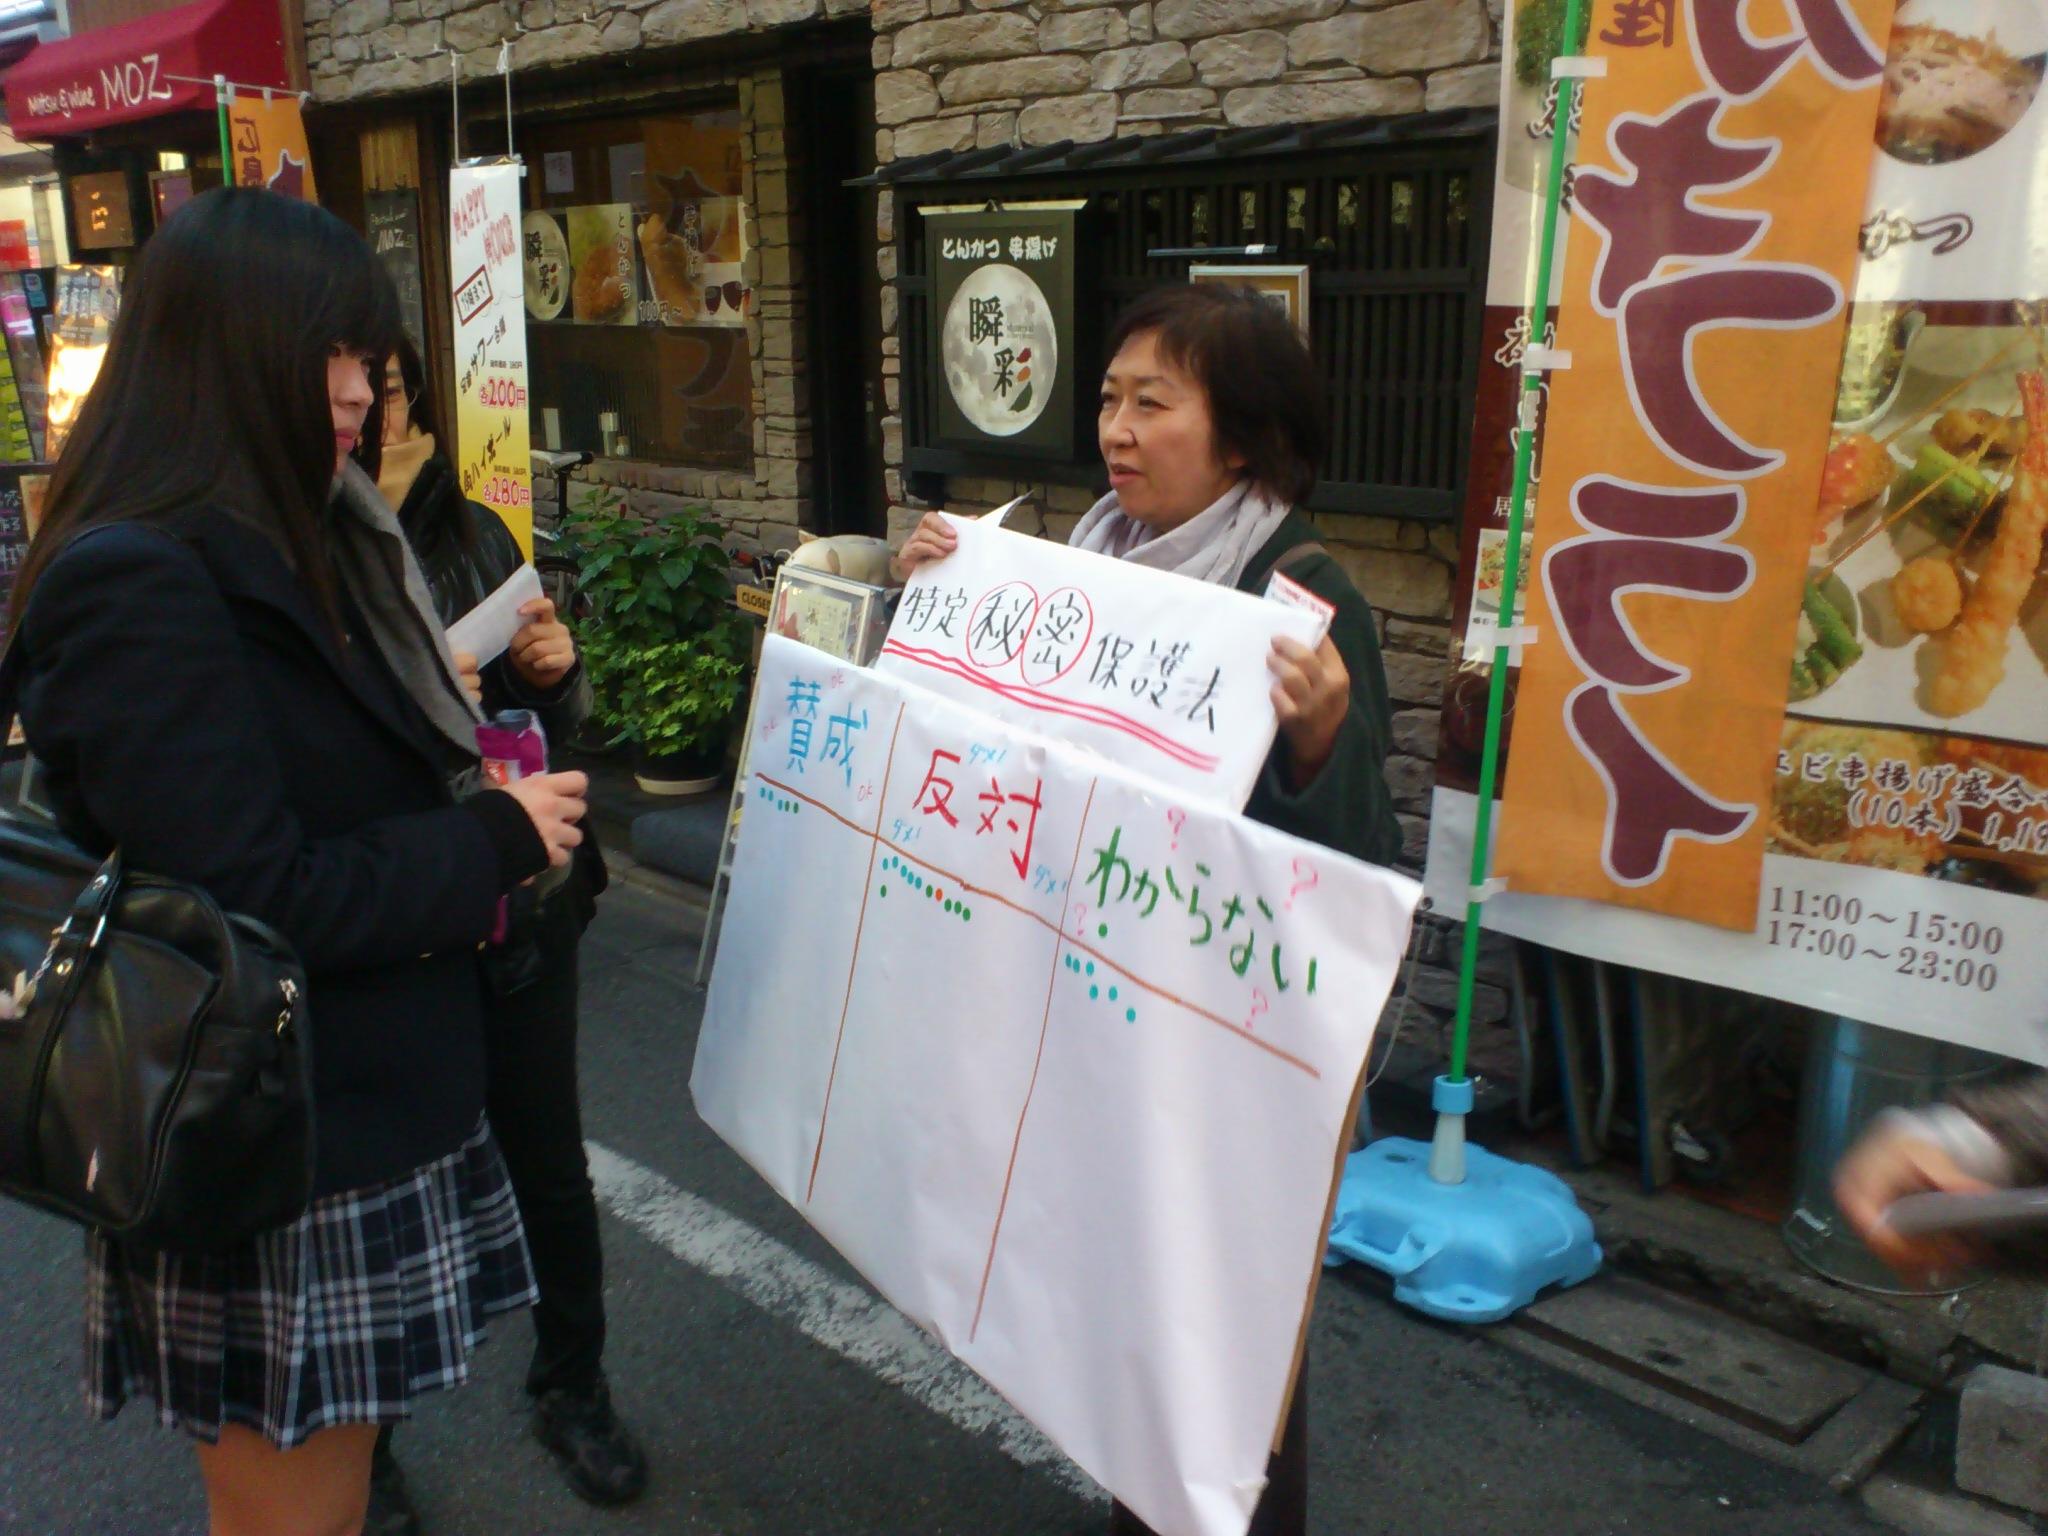 「みんなでつくる民主主義」街頭アクション編。三軒茶屋商店街で秘密保護法シール投票やってます。